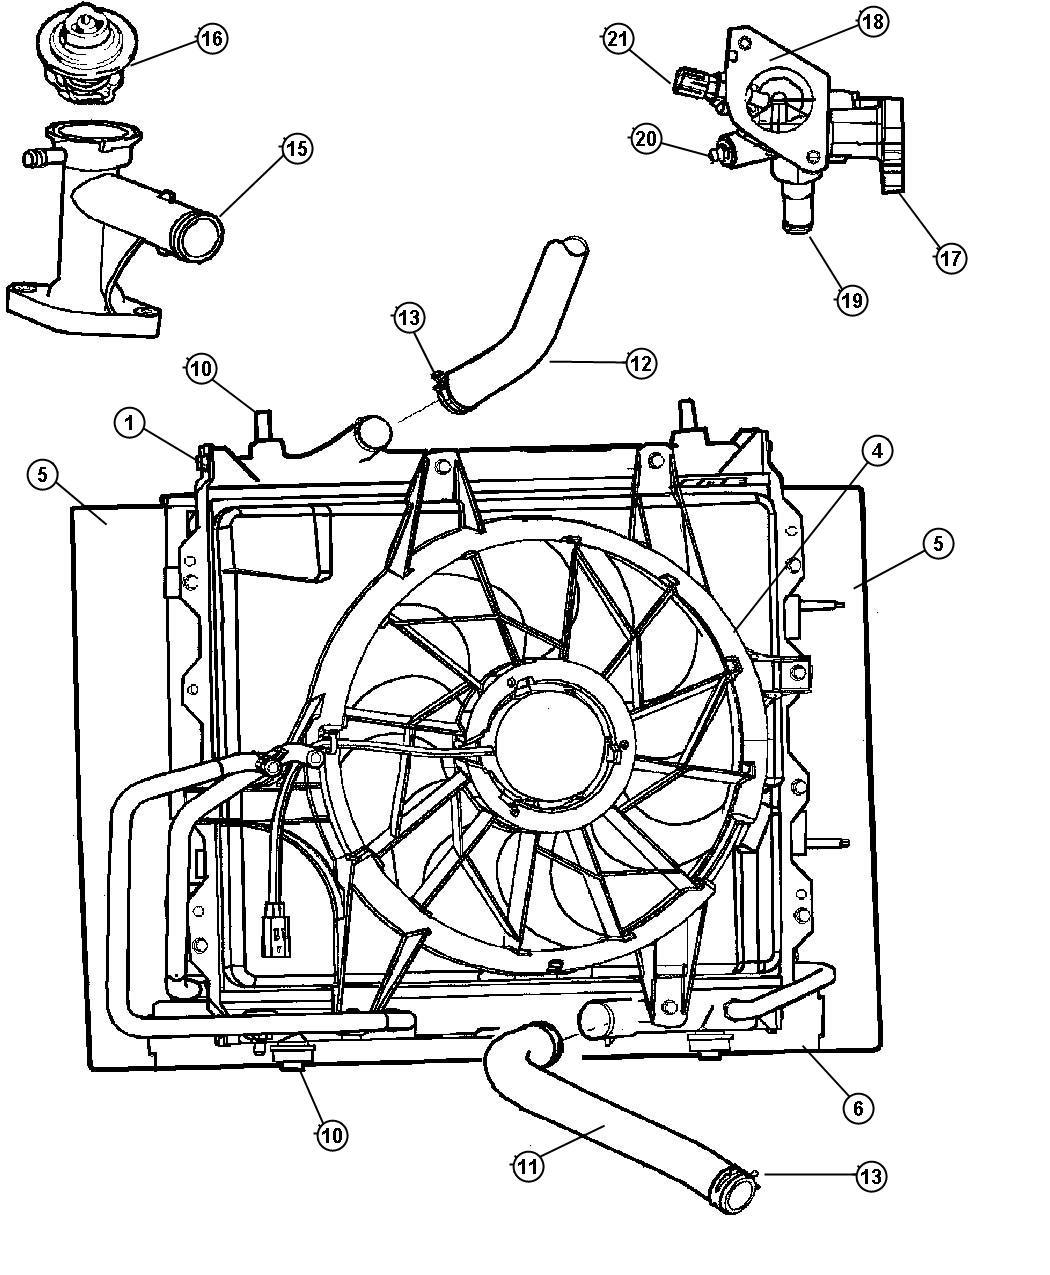 Chrysler Pt Cruiser Isolator Radiator Lower Isolator